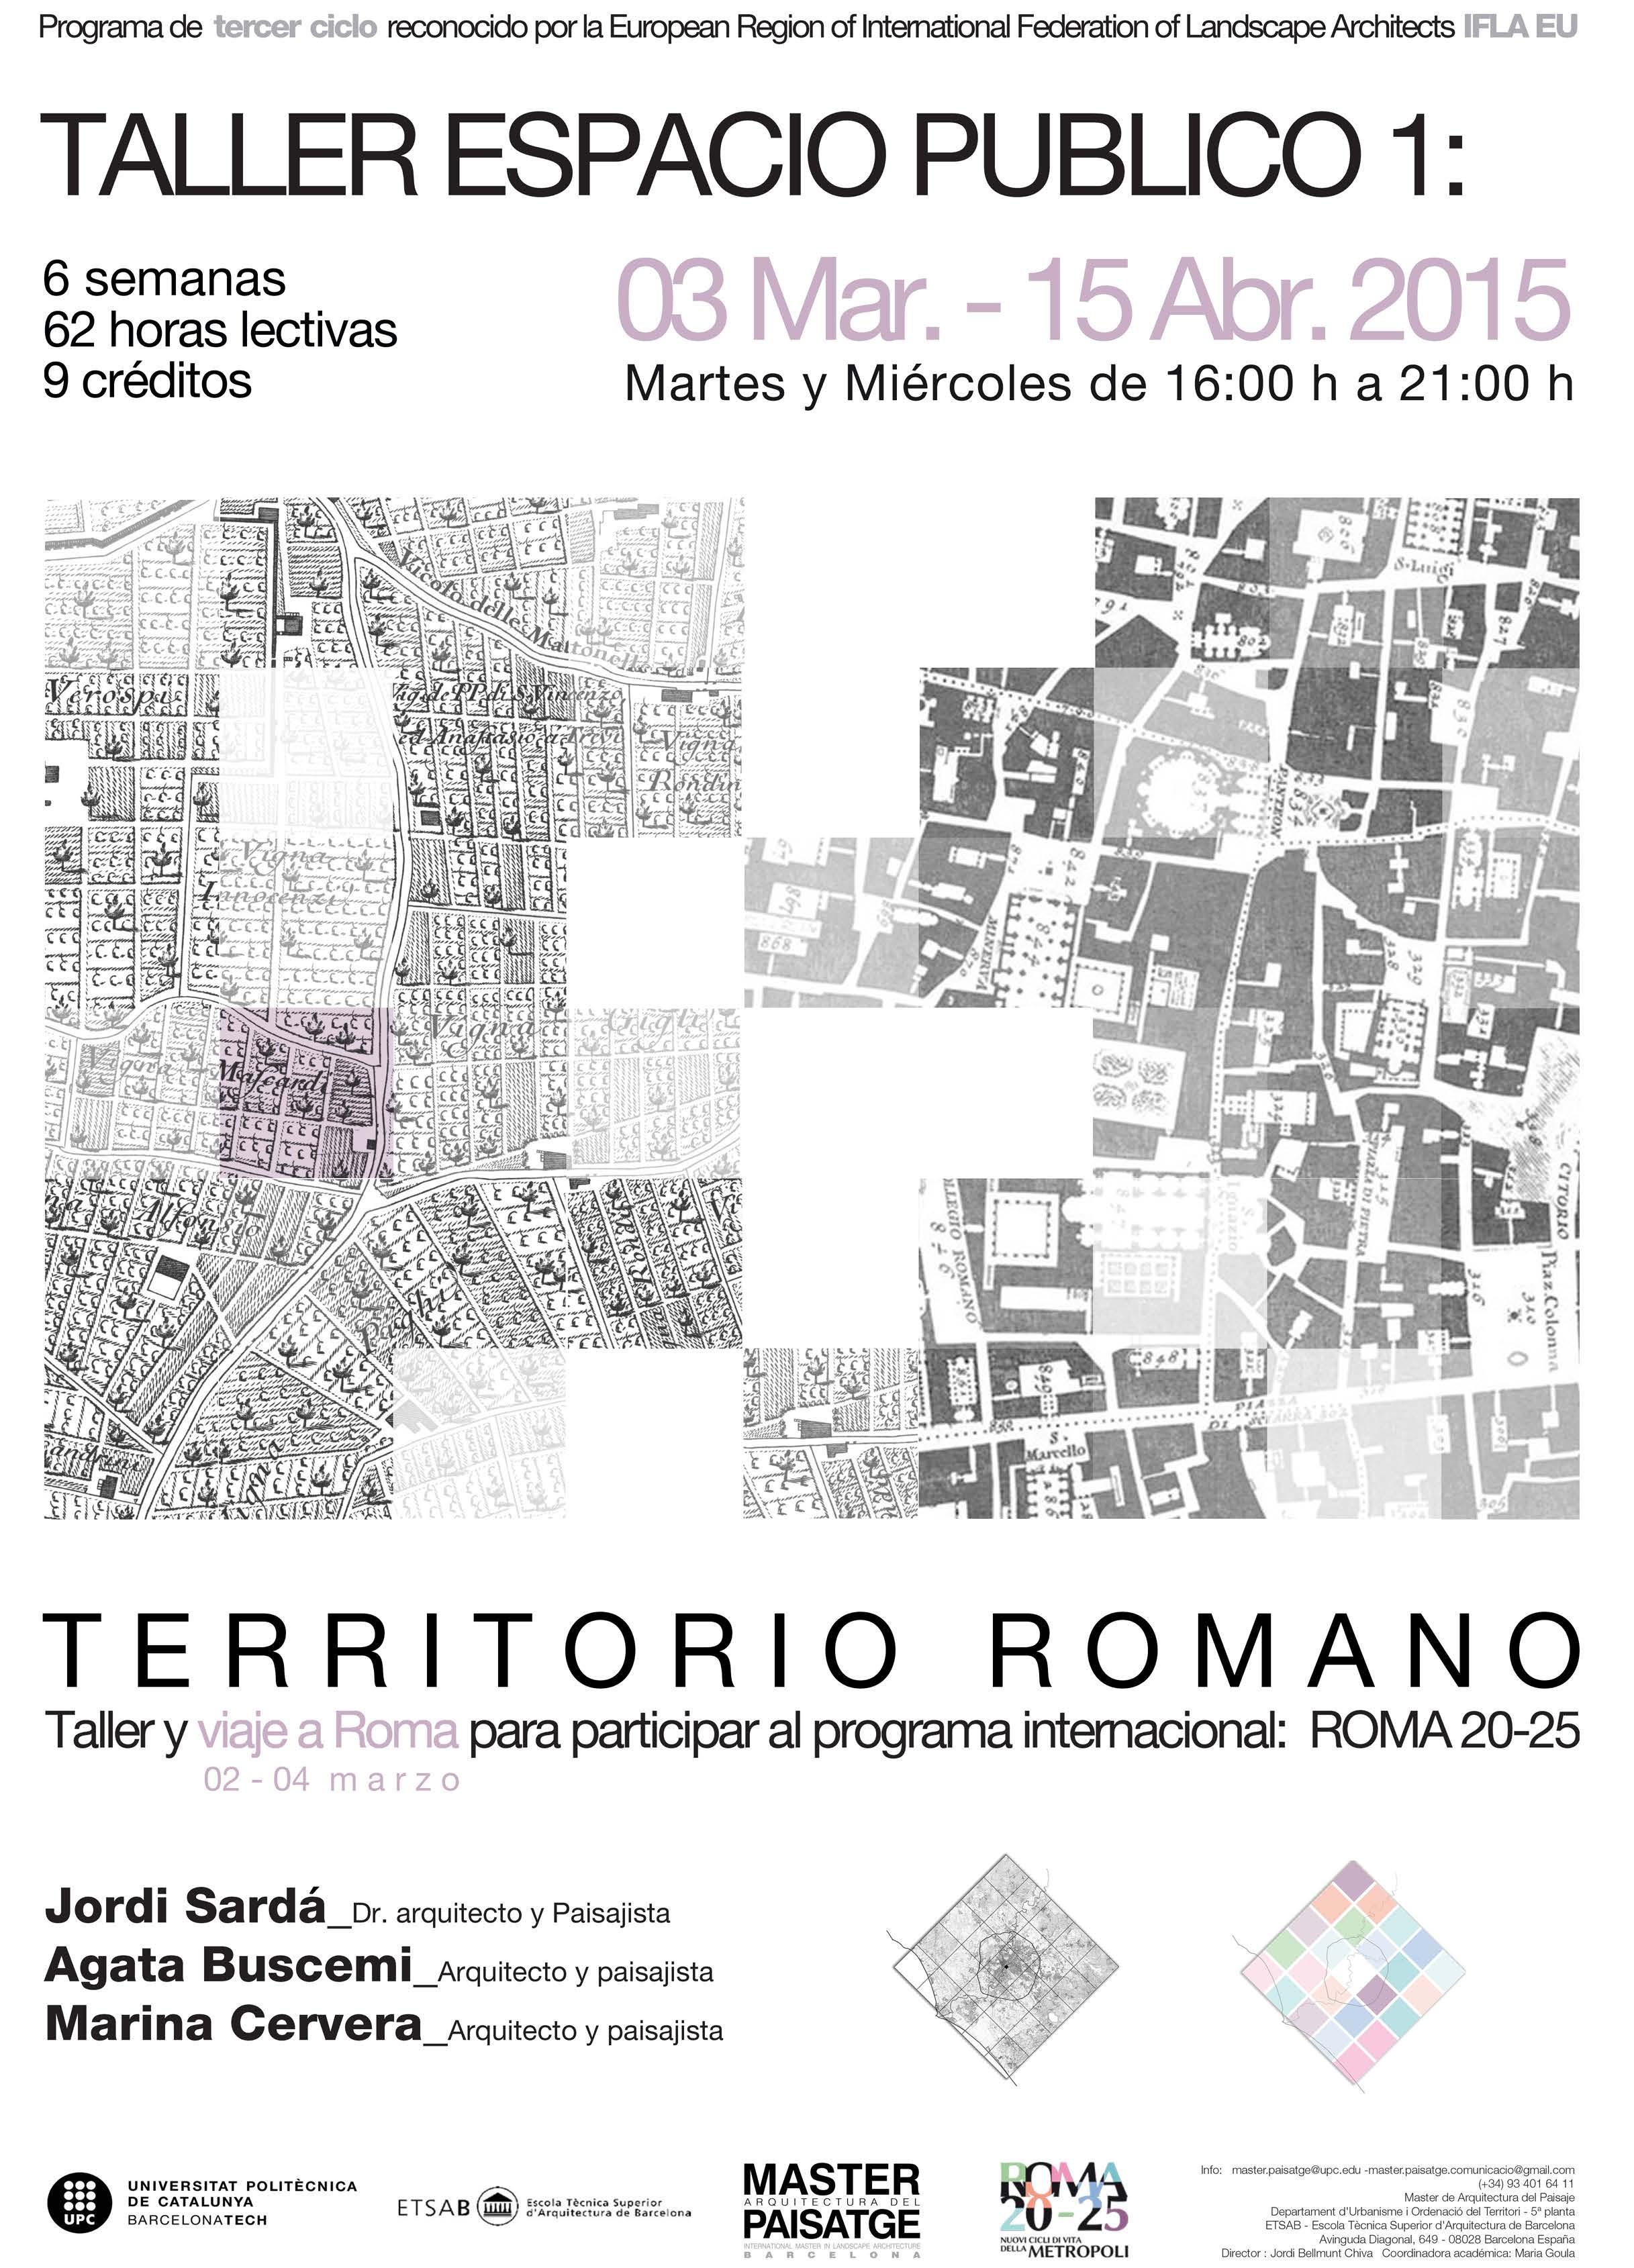 Roma_1_cuadrados